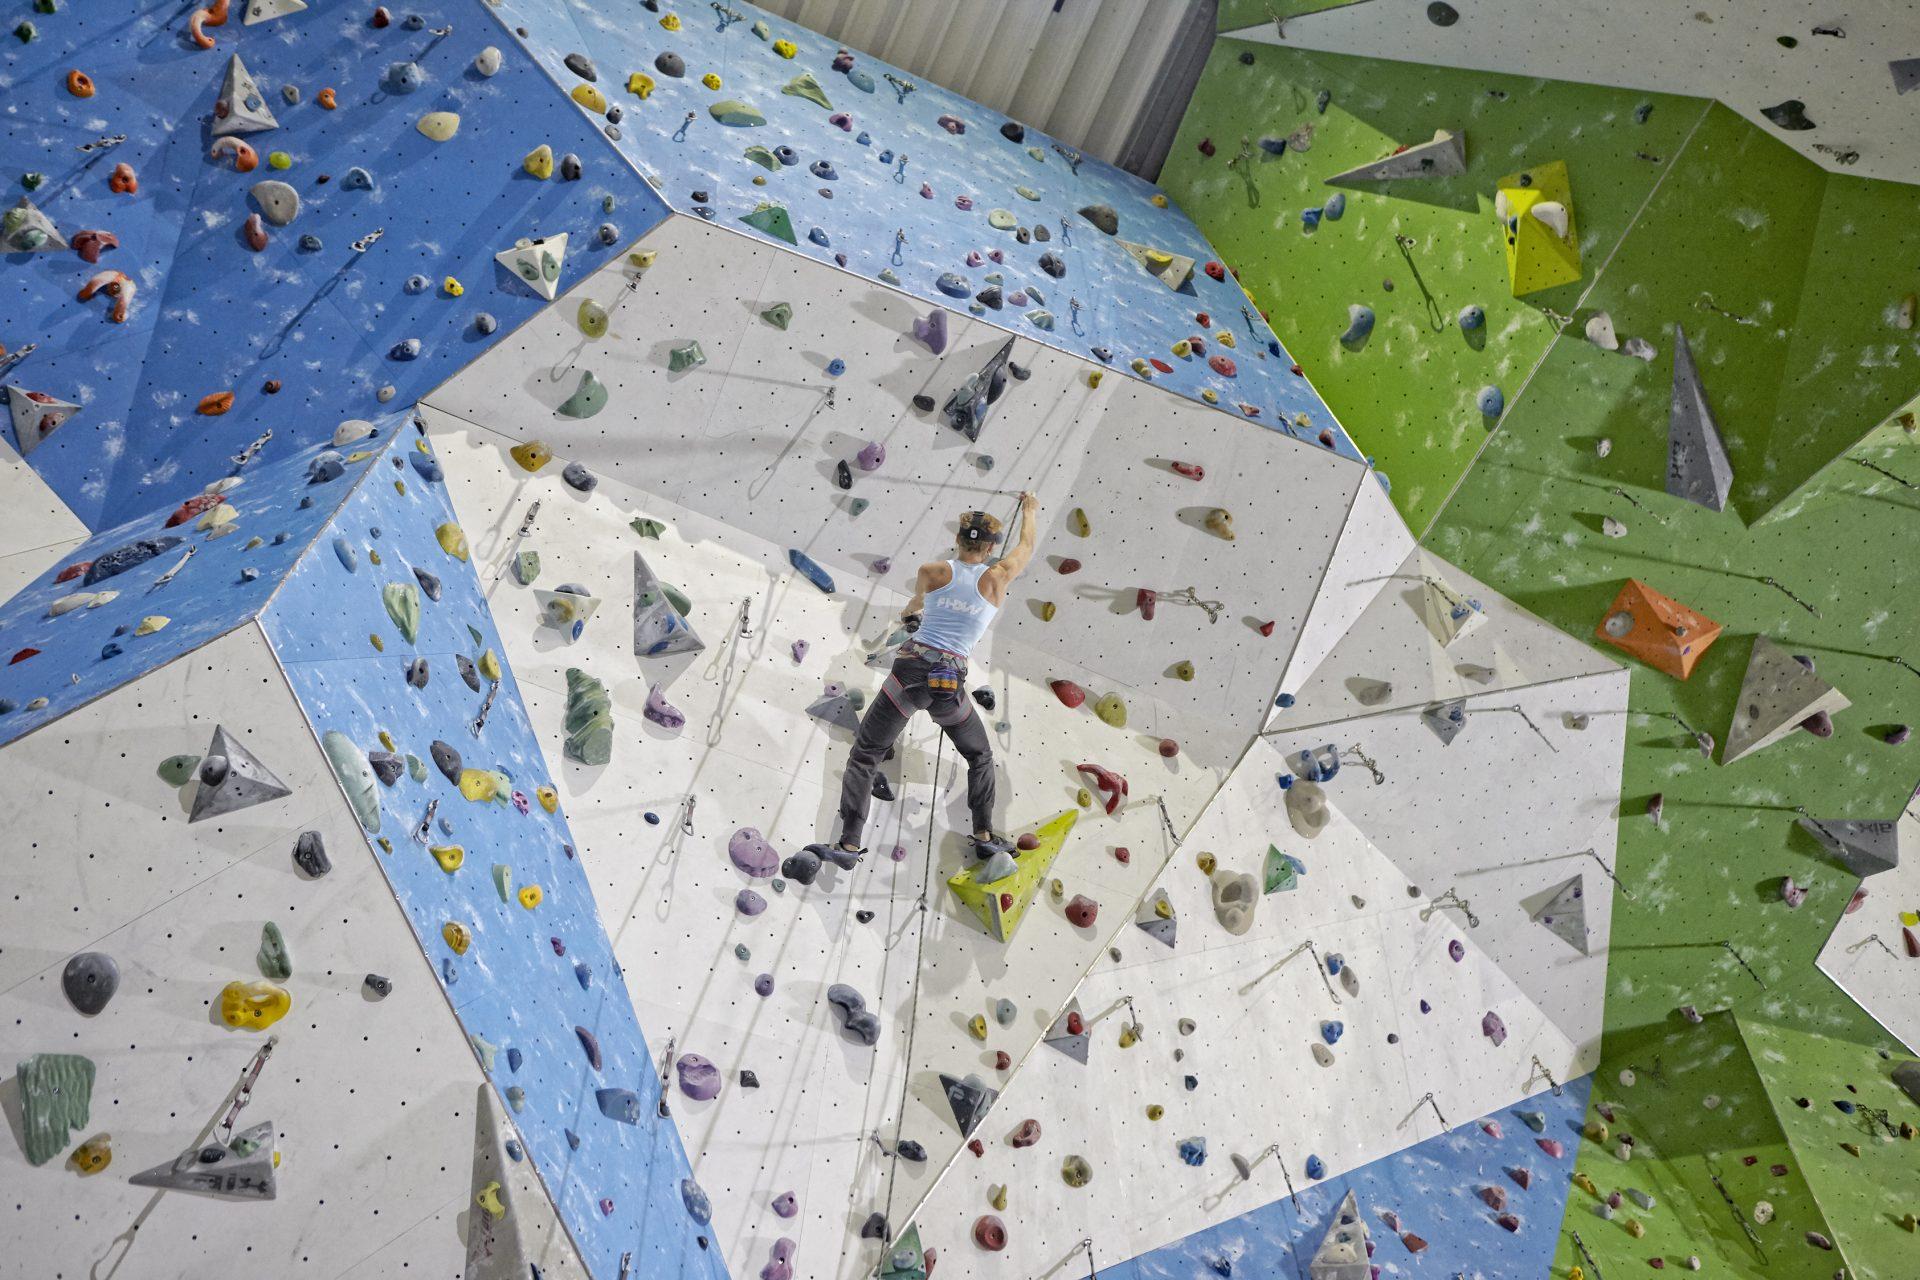 Frau klettert in einer Kletterhalle an einer Wand. Fotograf: Jörg Saibou, Köln.